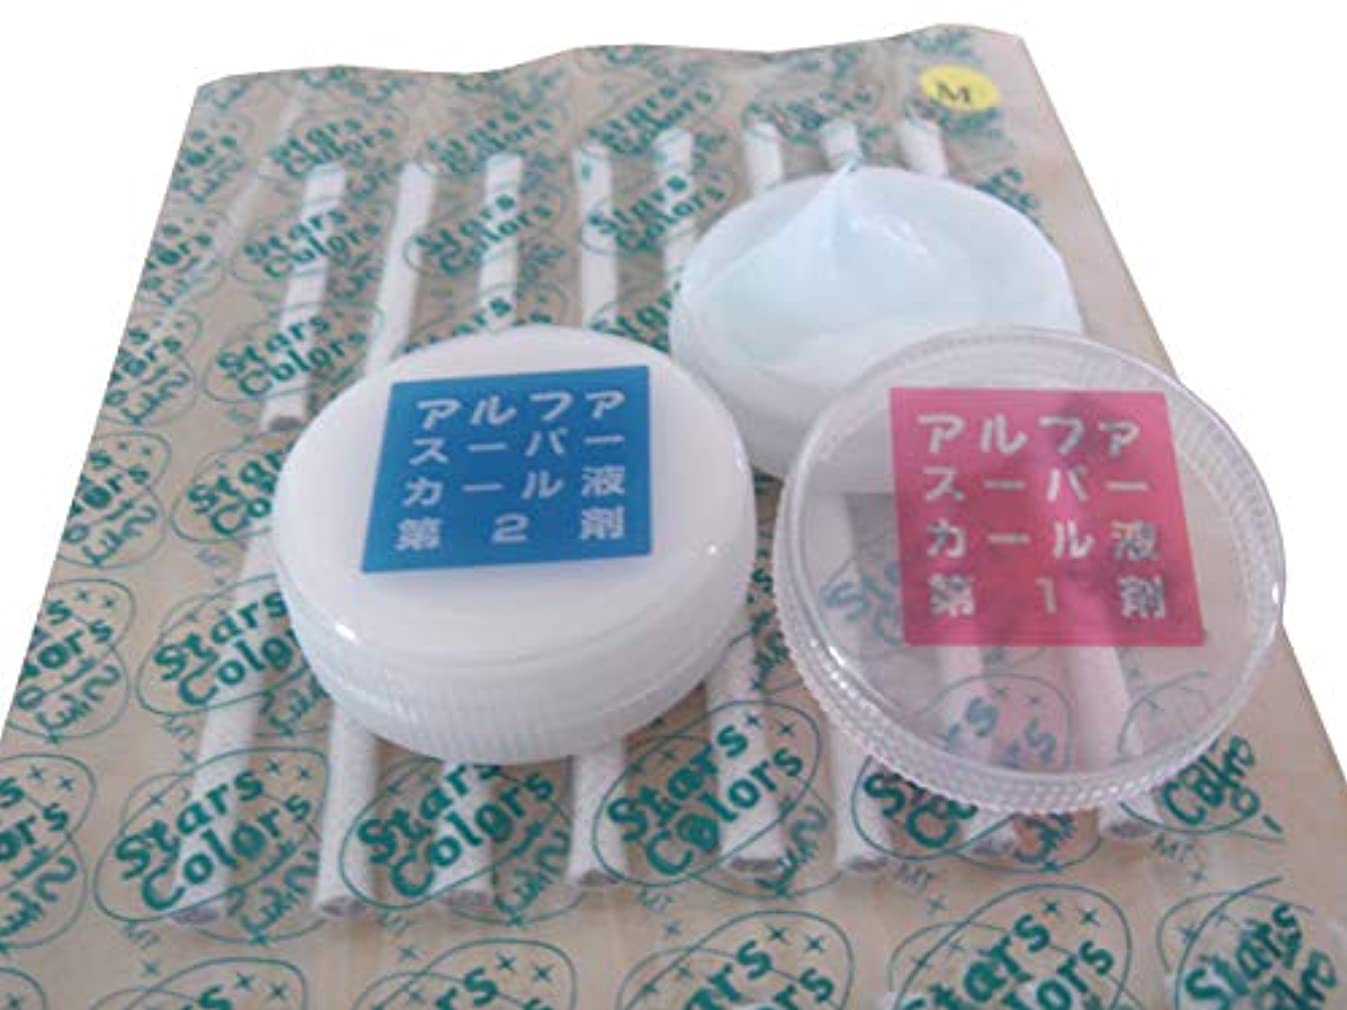 電池レクリエーションマーク★時間短縮!付けまつげ用まつげパーマ液&粘着ロット32本セット (S)